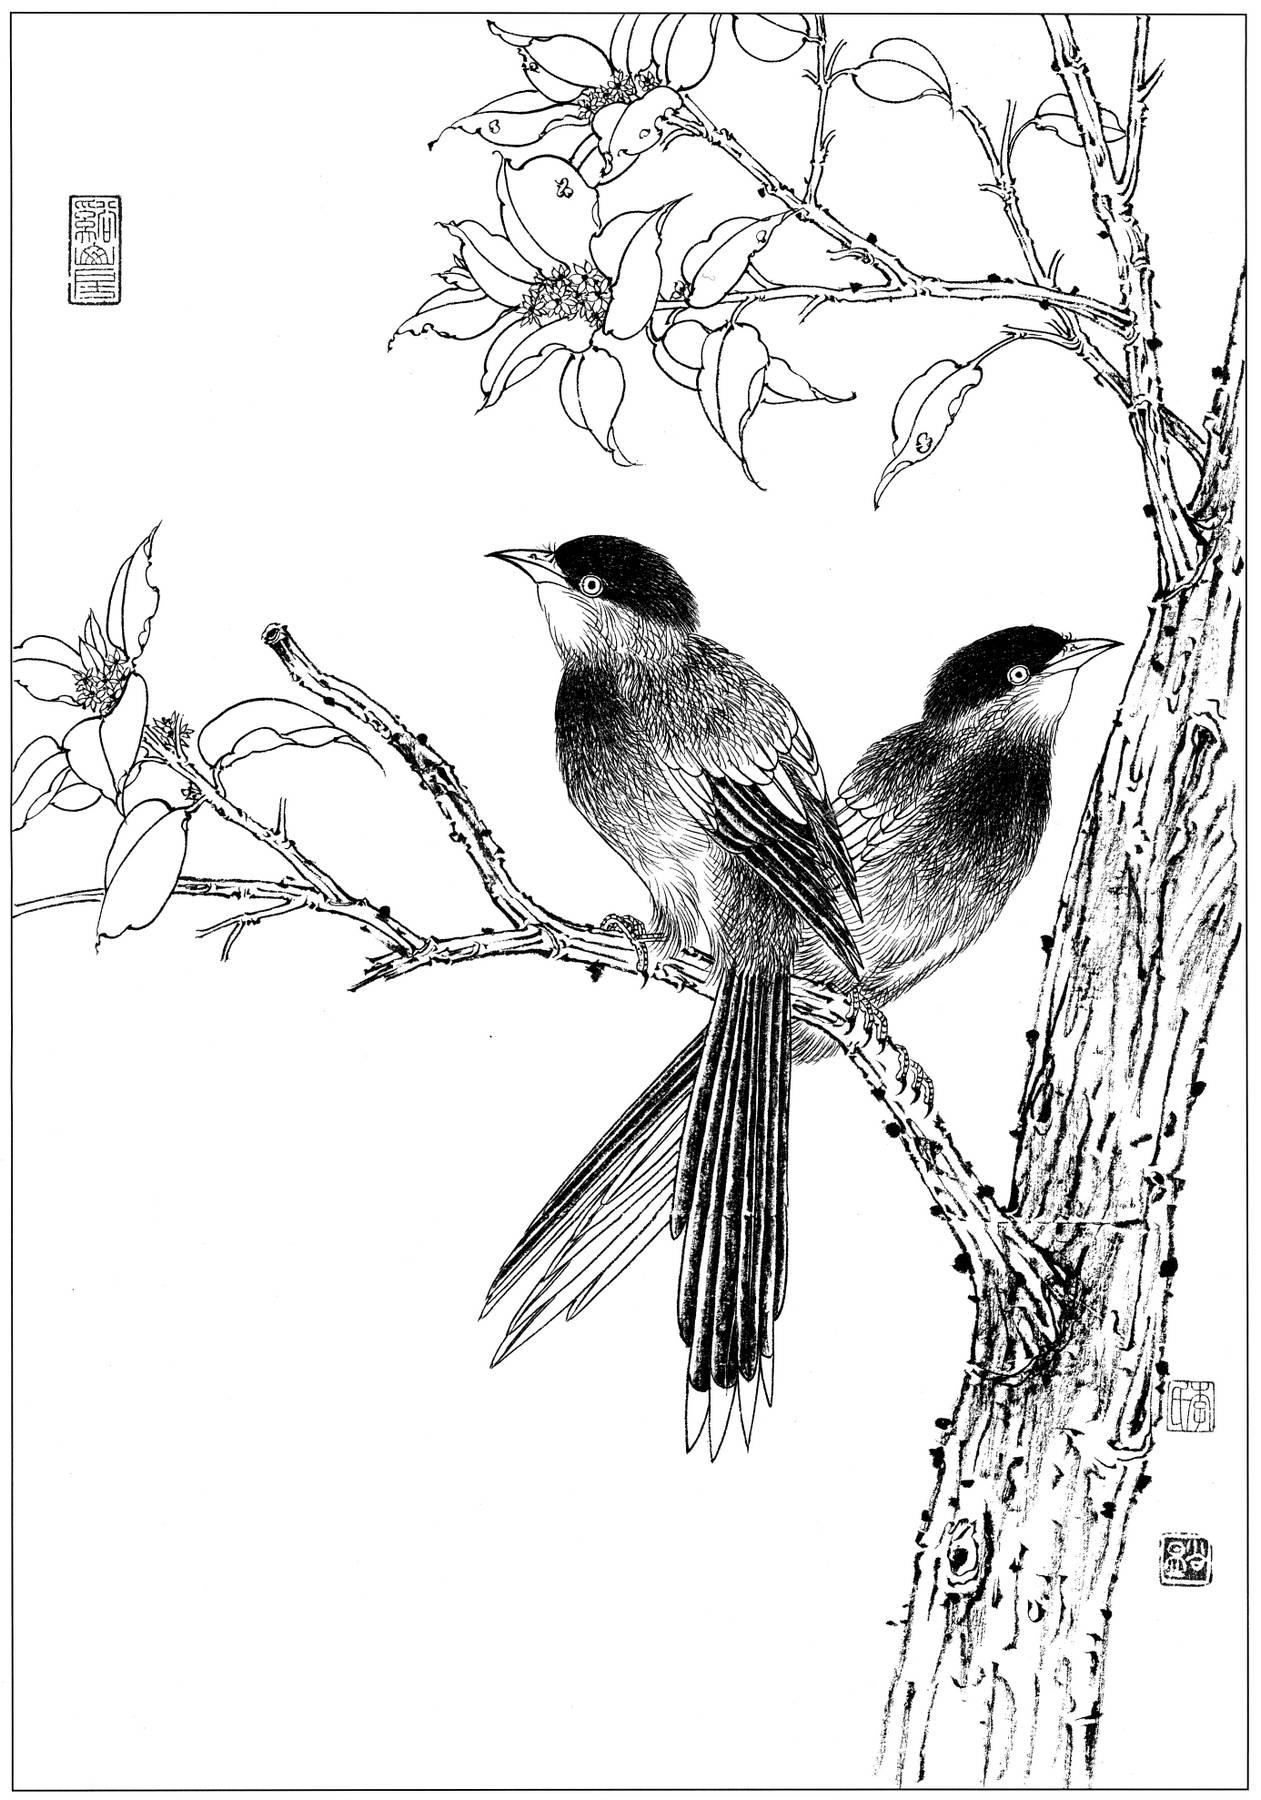 0137_工笔画花鸟白描线稿素材高清图灰喜鹊_0x0px_jpg_600dpi_3